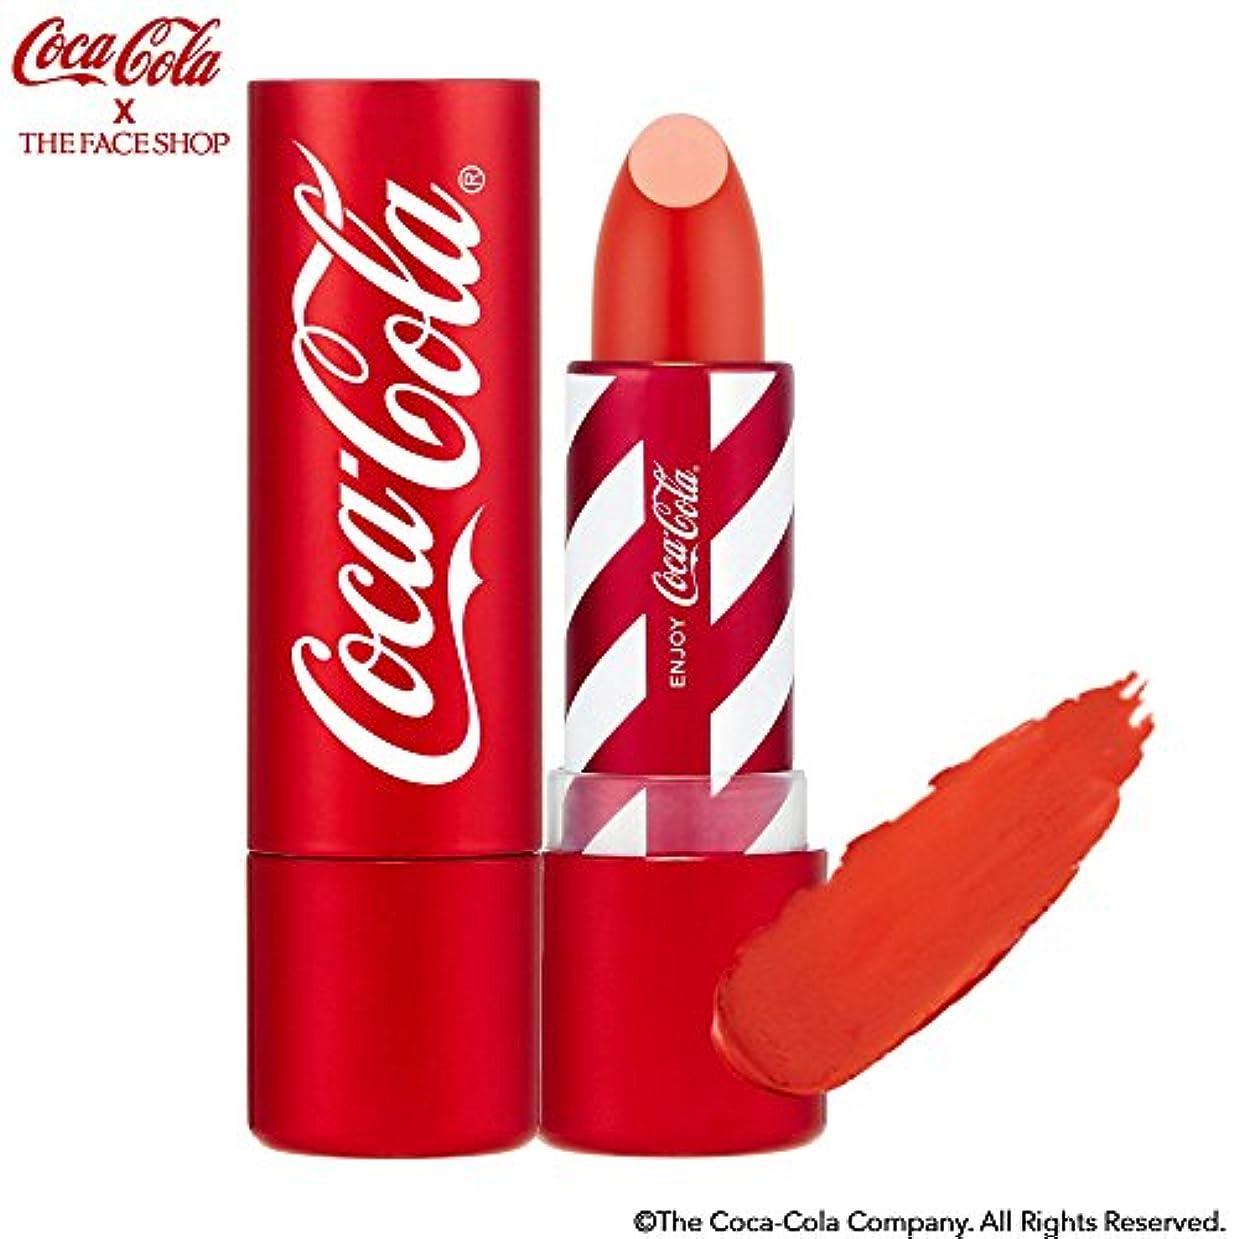 誰か抵抗力があるコンバーチブル[ザ?フェイスショップ] THE FACE SHOP [コカ?コーラ リップスティック 3.5g 限定版] (Coca Cola Lipstick 3.5g Limited Edition) [海外直送品] (03. アイス...